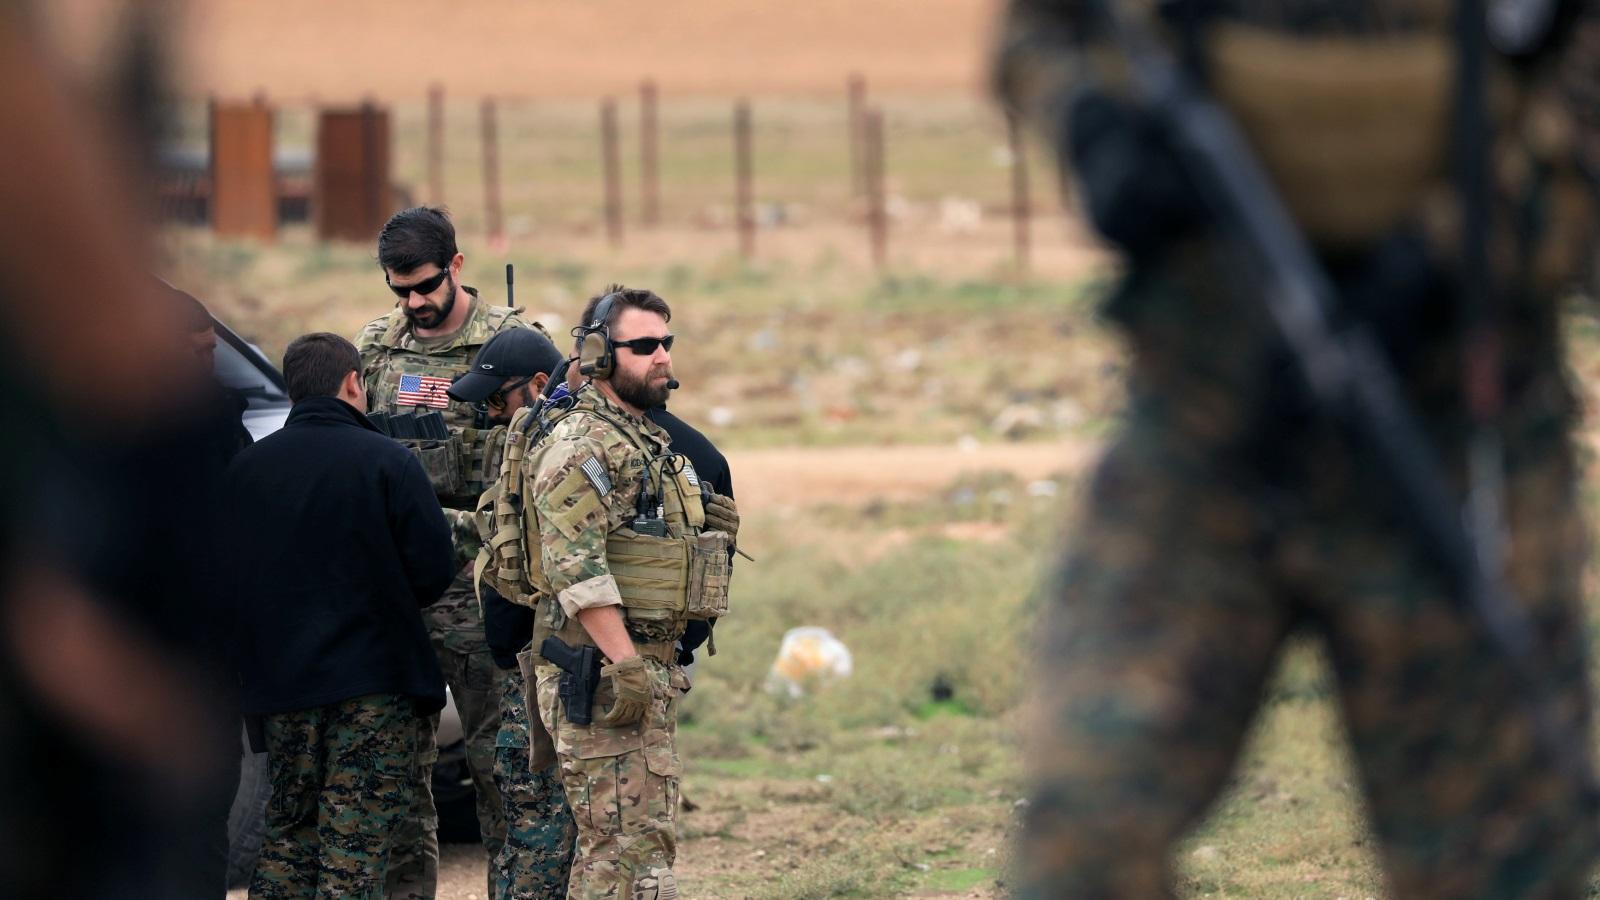 تلفزيون: الجيش الأميركي يبدأ سحب معداته من سوريا